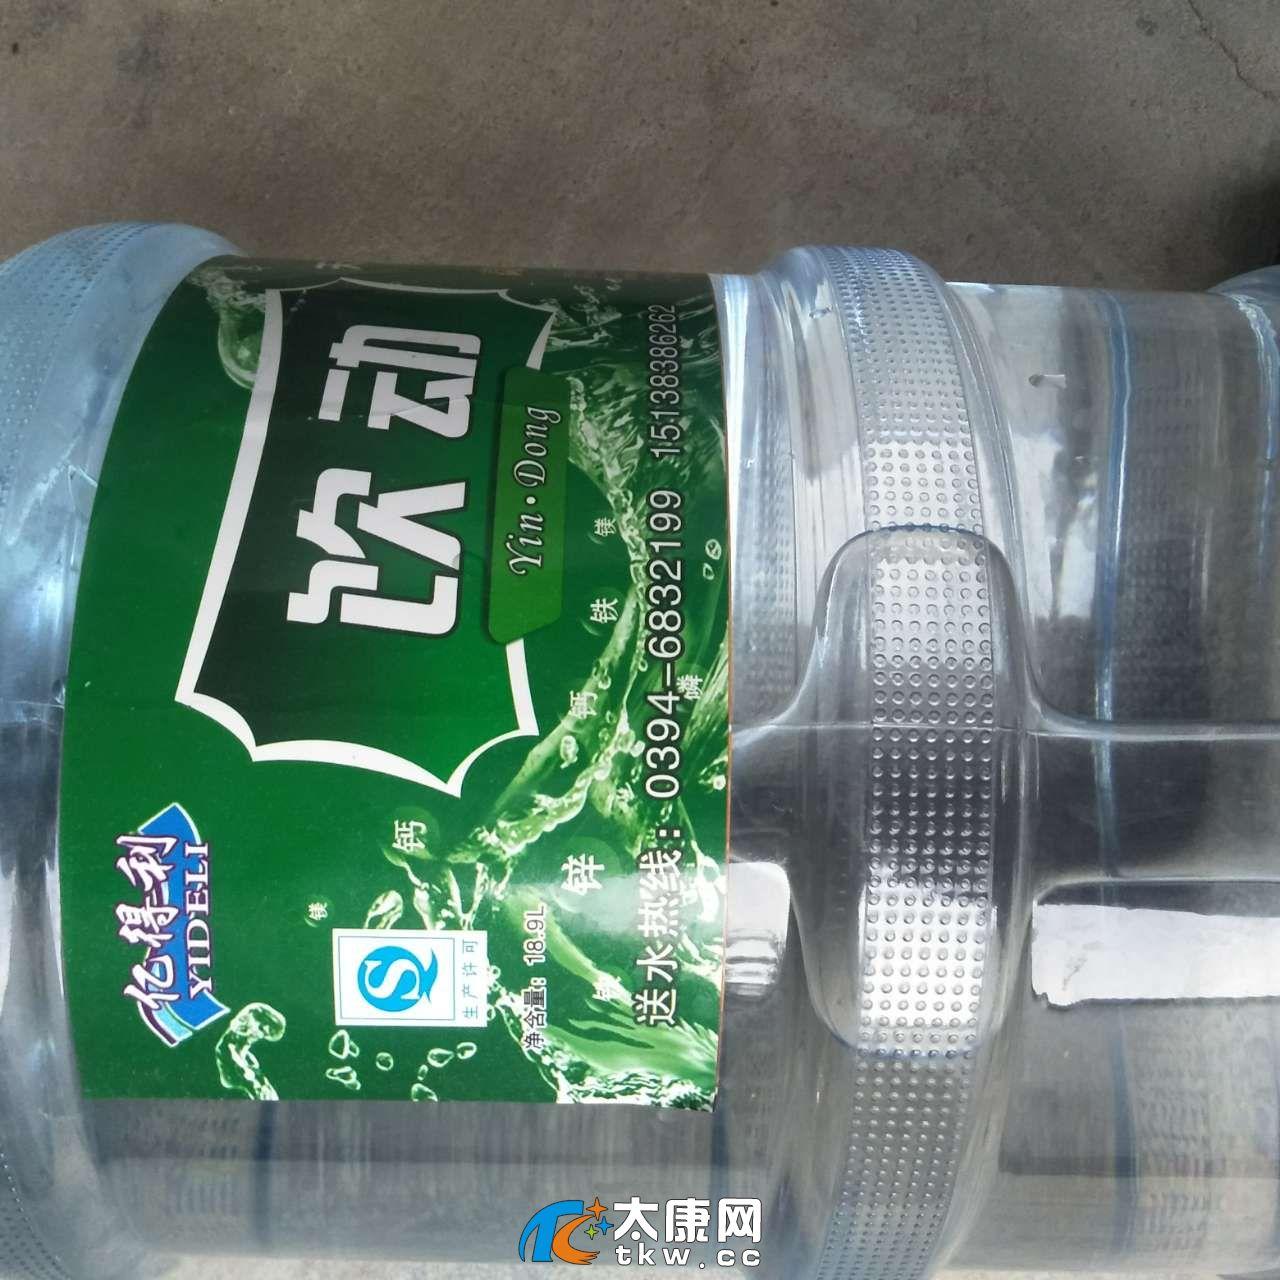 太康建设路这家大桶水千万小心不要在喝了,里面有好多脏东西和绿色